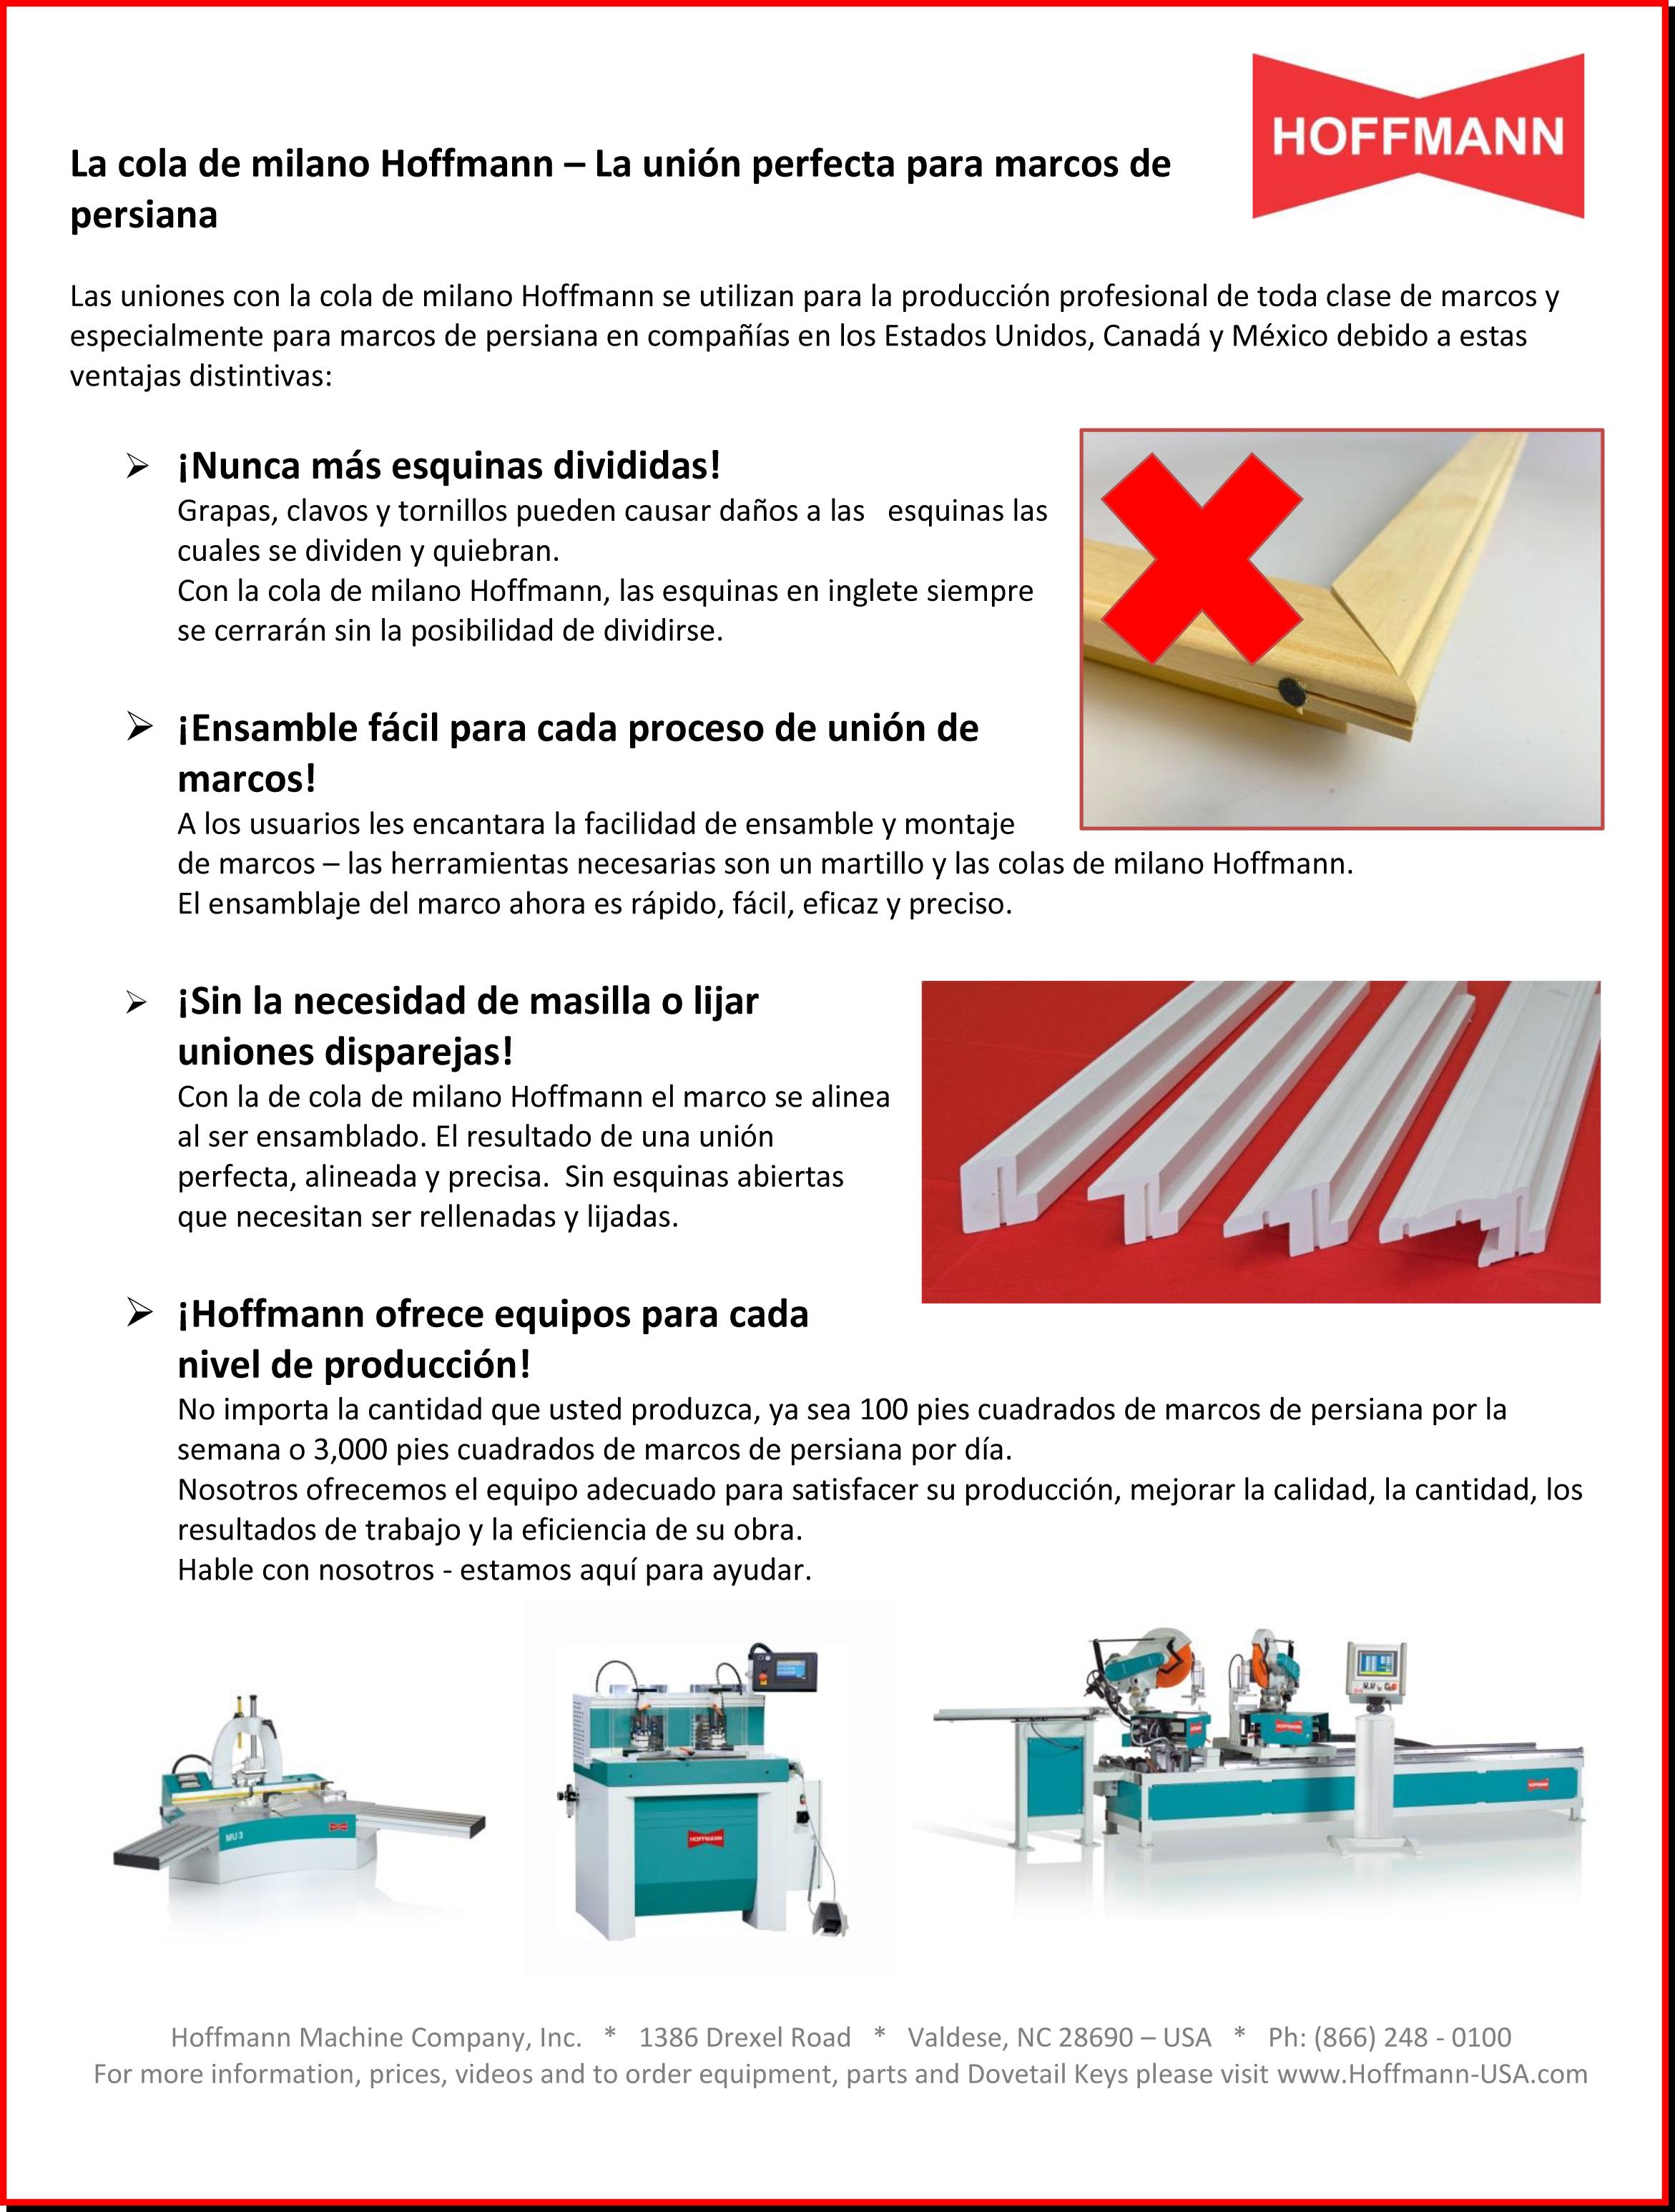 hoffmann-joinging-system-for-plantation-shutter-production-spanish.jpg